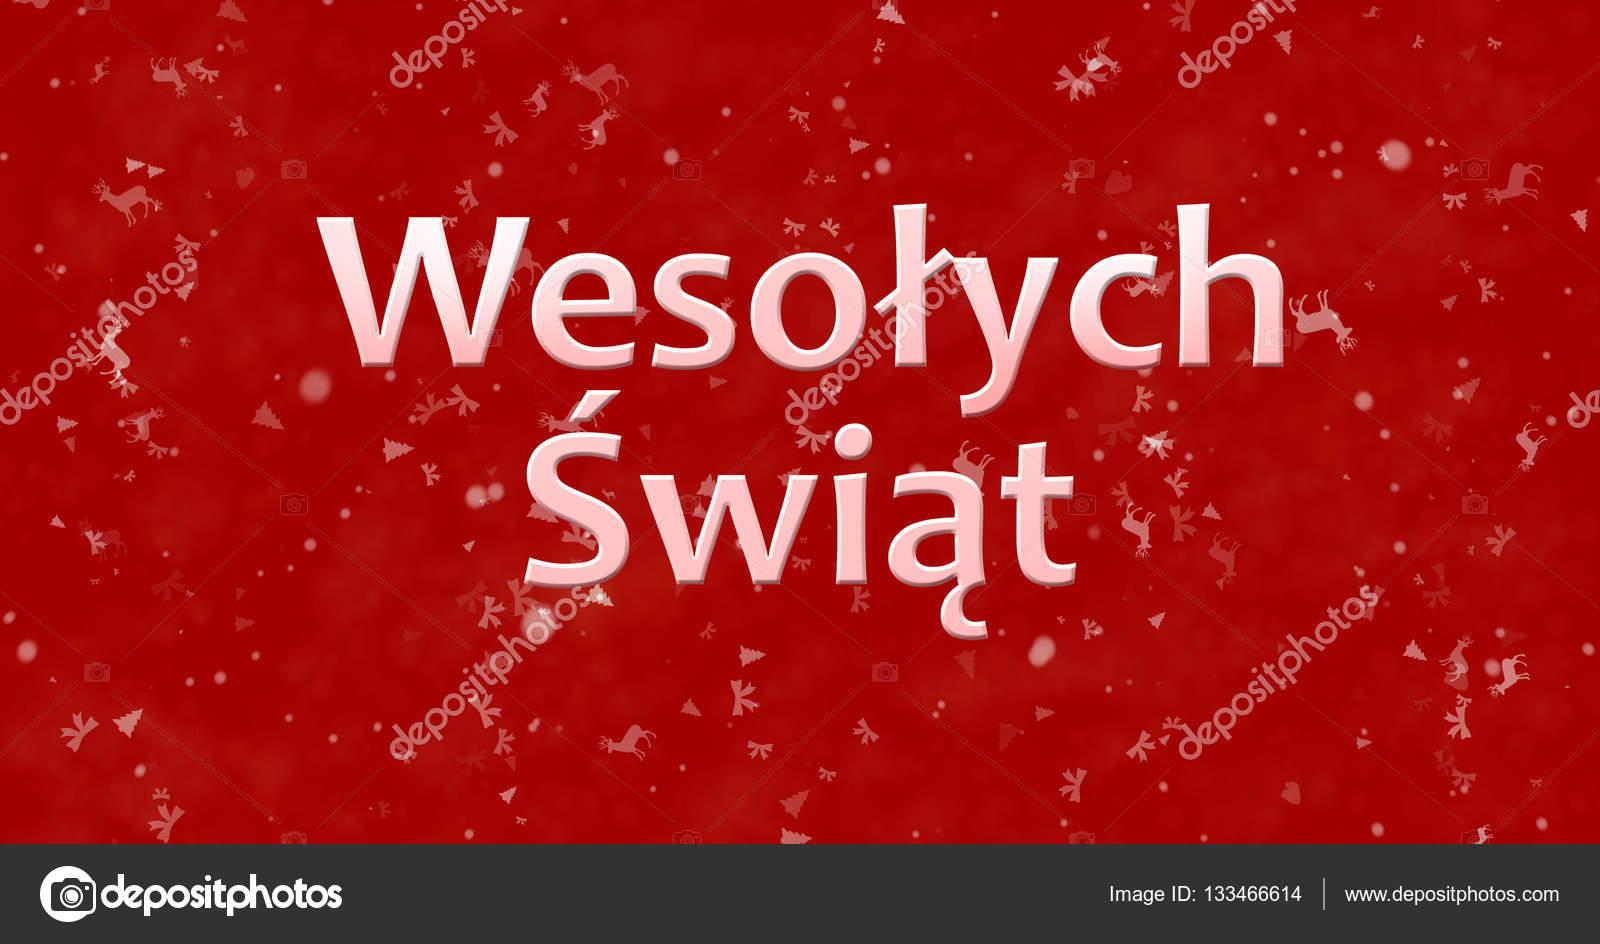 Frohe Weihnachten Text.Frohe Weihnachten Text Im Polnischen Wesolych Swiat Auf